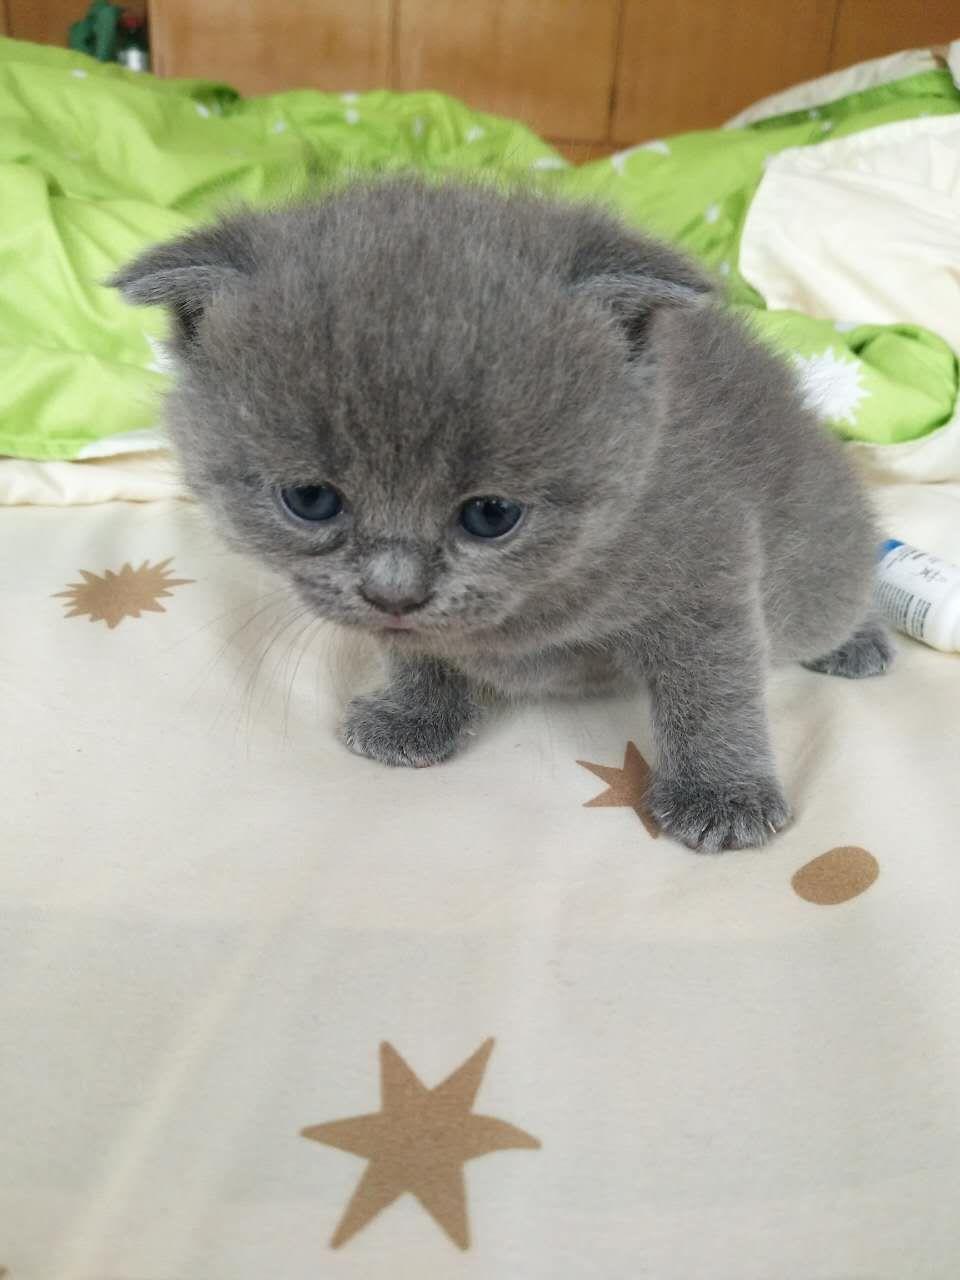 分类信息首页 宠物世界 宠物猫 >> 详细信息  英短蓝猫可爱卡哇伊纯正